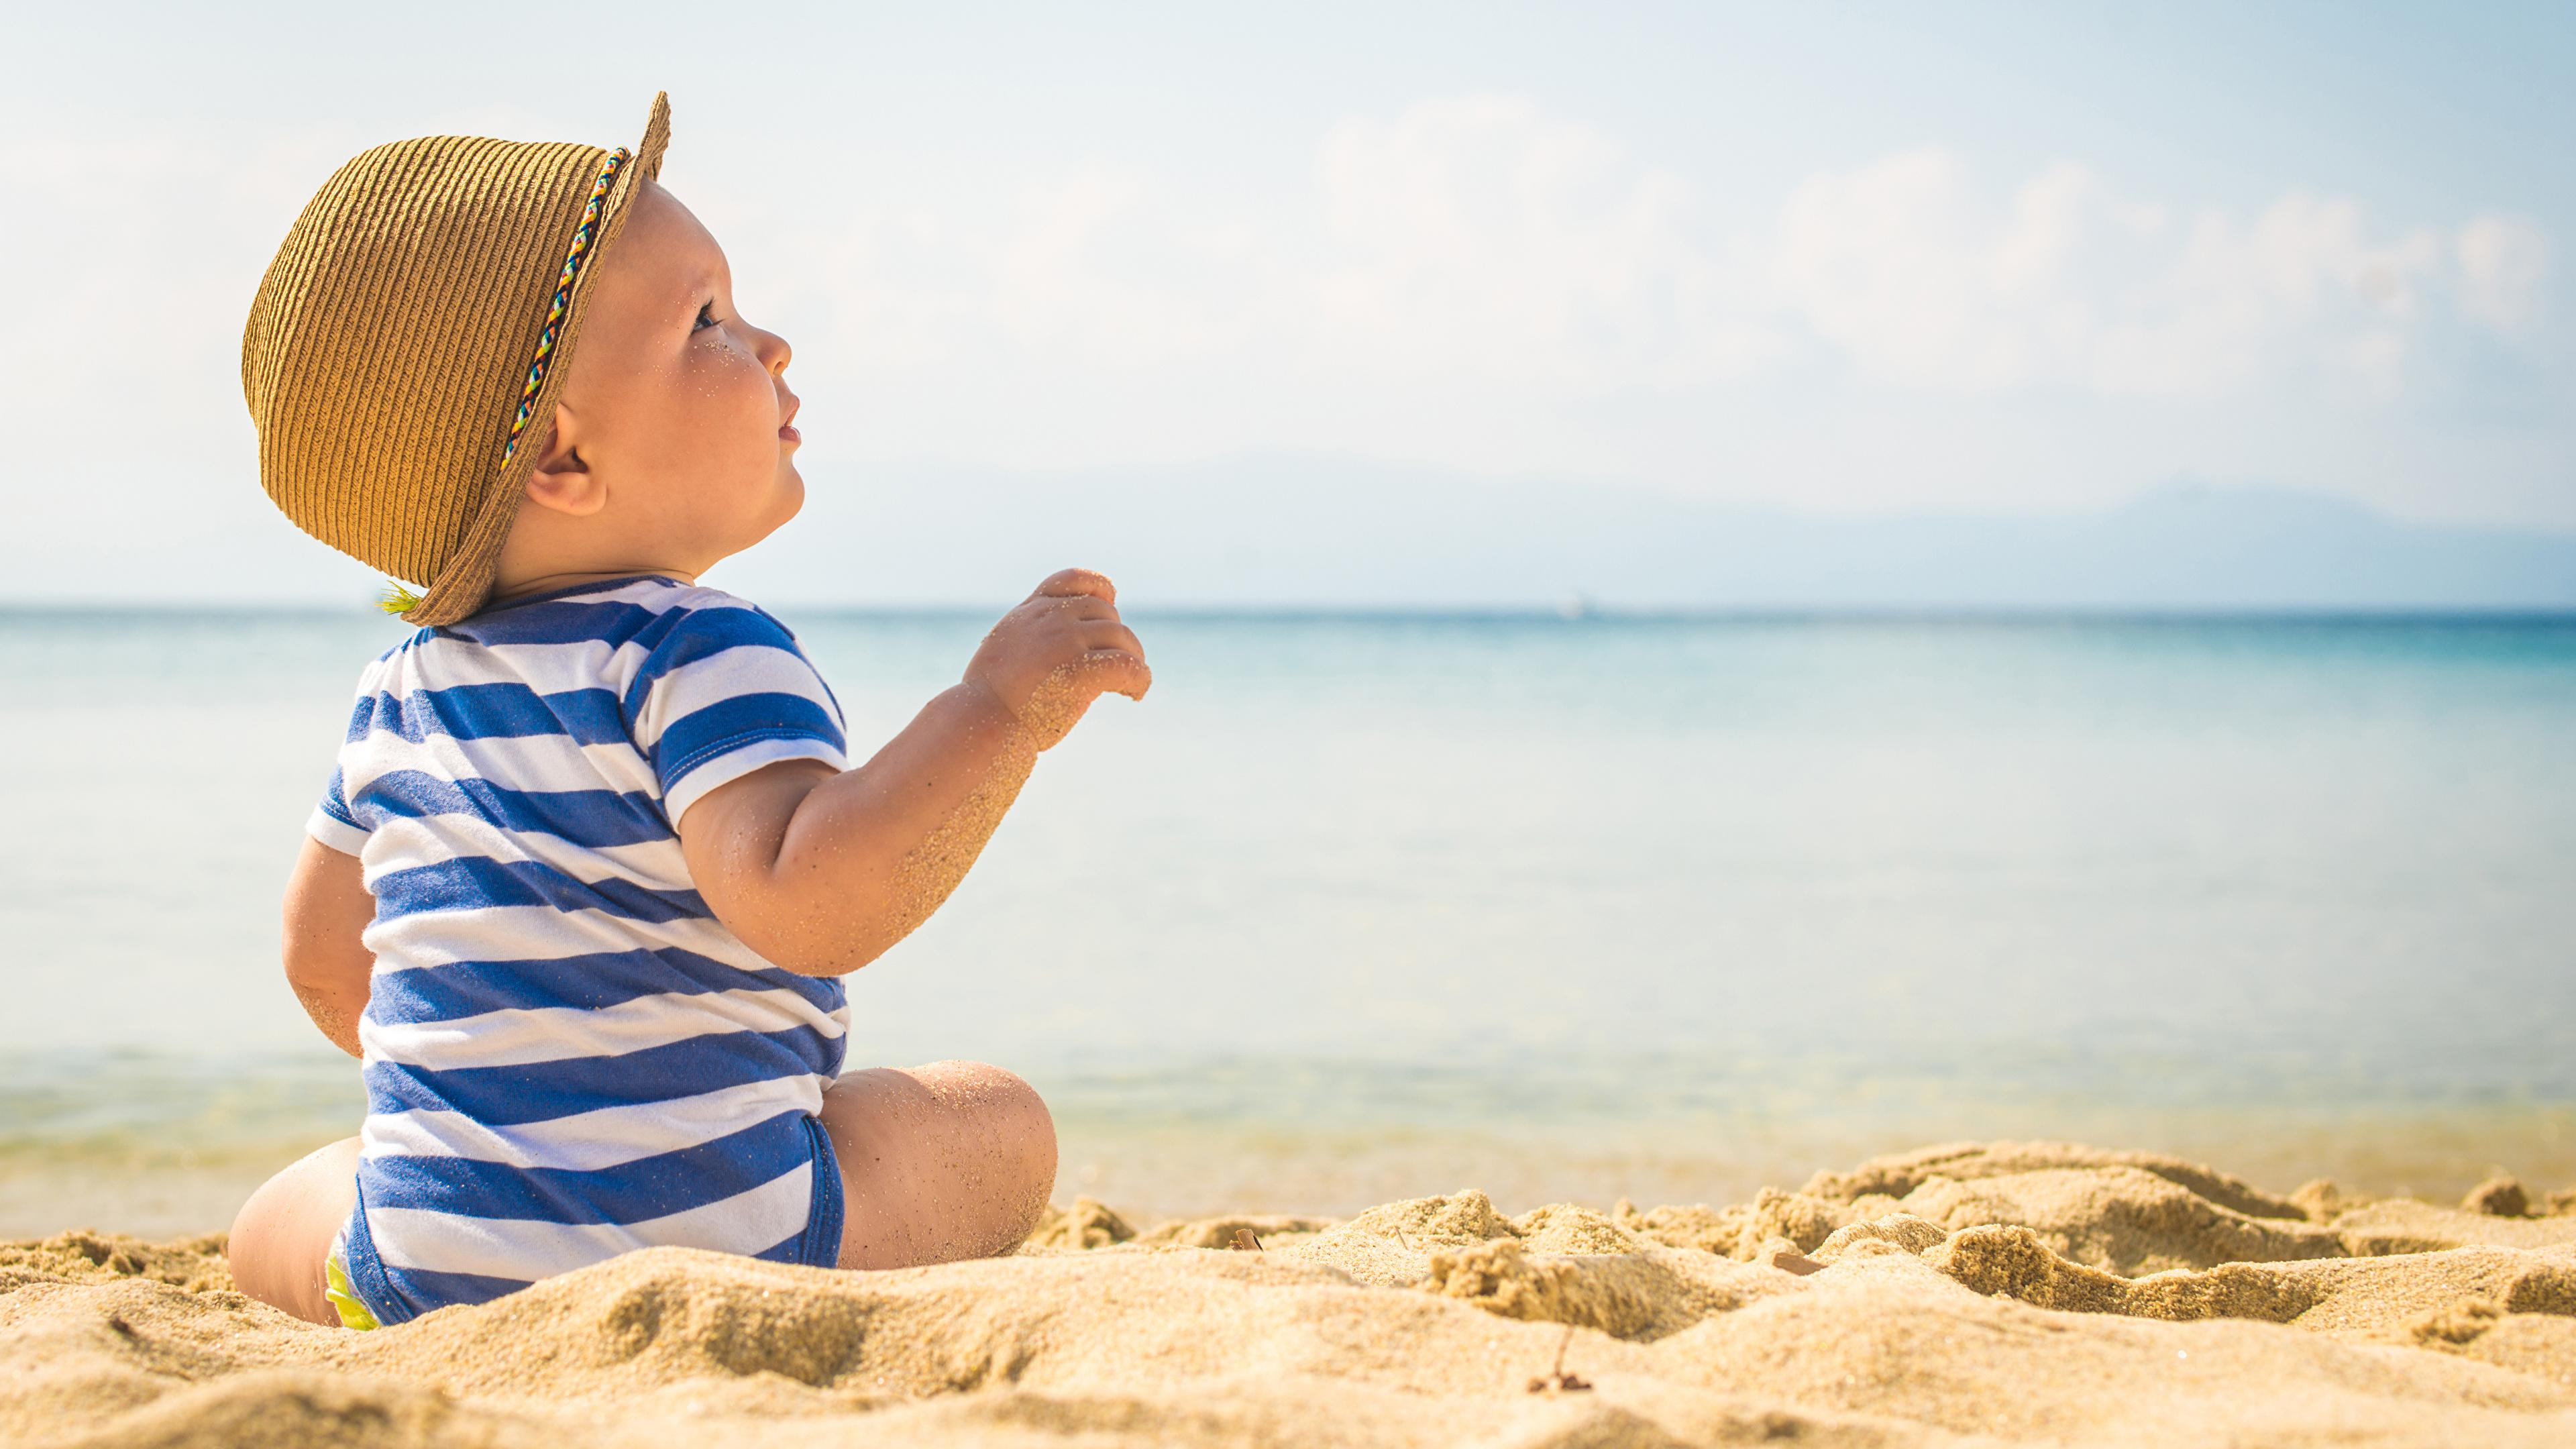 Фотография Младенцы Дети пляжа шляпы песка 3840x2160 младенца младенец грудной ребёнок Пляж пляжи пляже Ребёнок шляпе Шляпа песке Песок